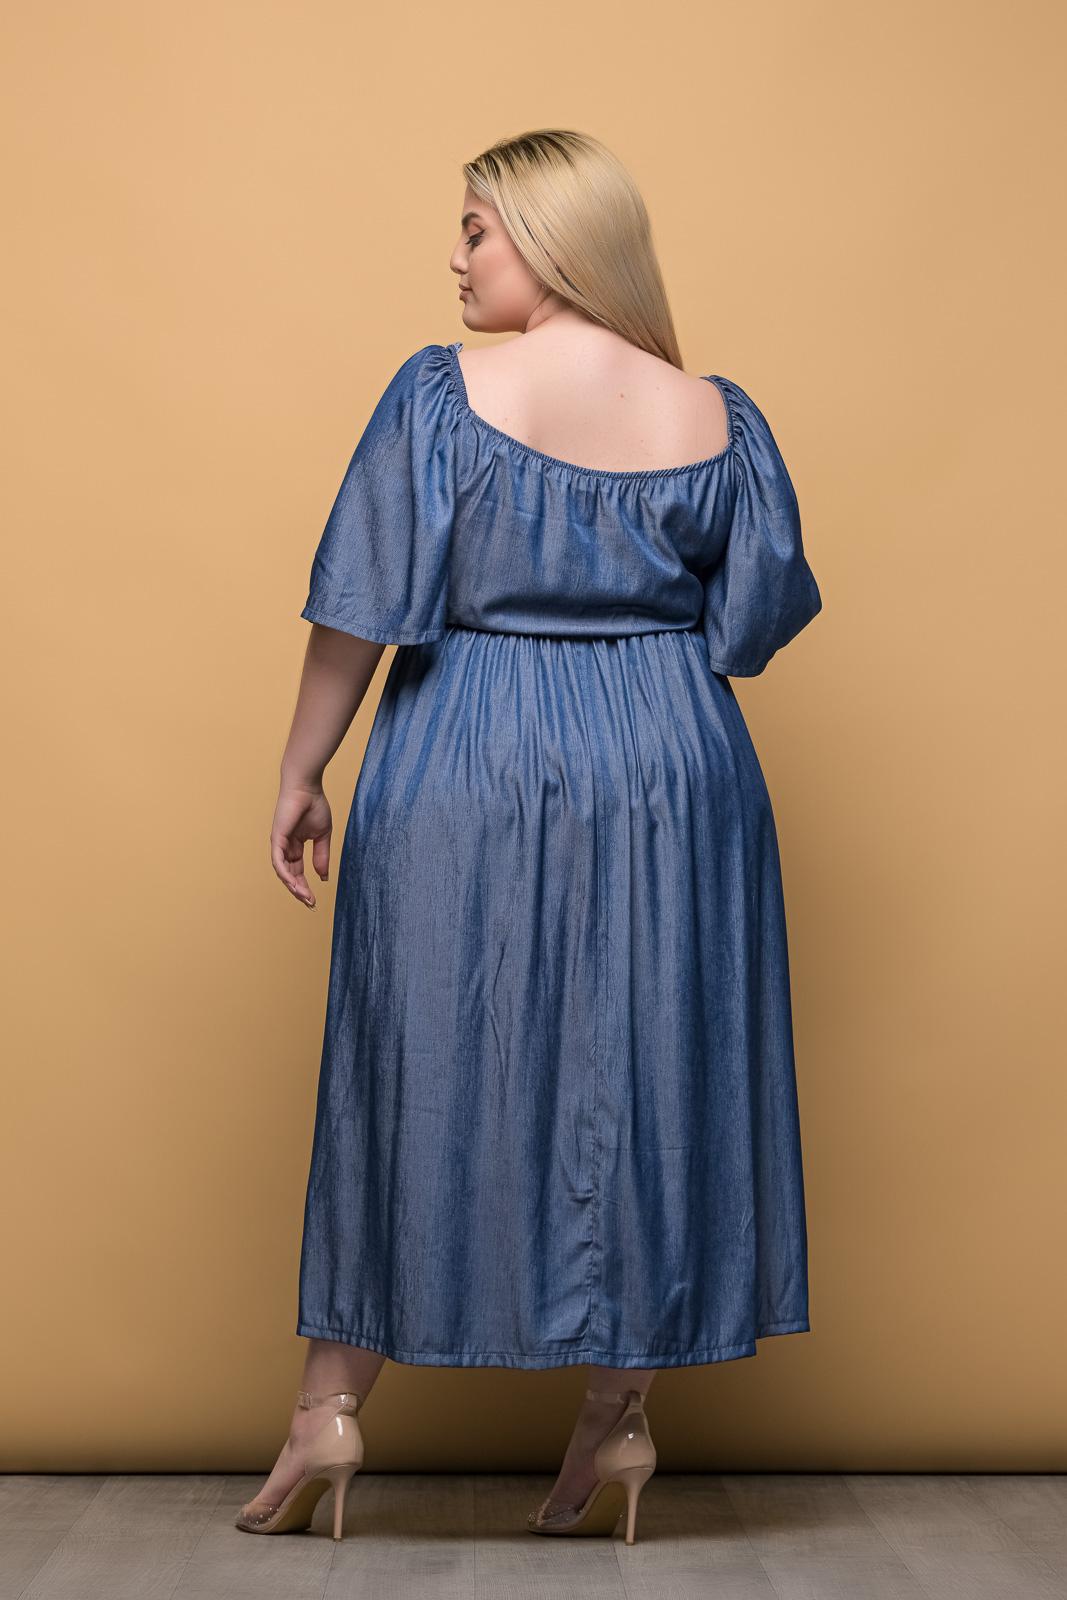 Φόρεμα μεγάλα μεγέθη τζιν με δέσιμο στο στήθος και λάστιχο στη μέση.Στο eshop μας θα βρείτε οικονομικά γυναίκεια ρούχα σε μεγάλα μεγέθη και υπερμεγέθη.